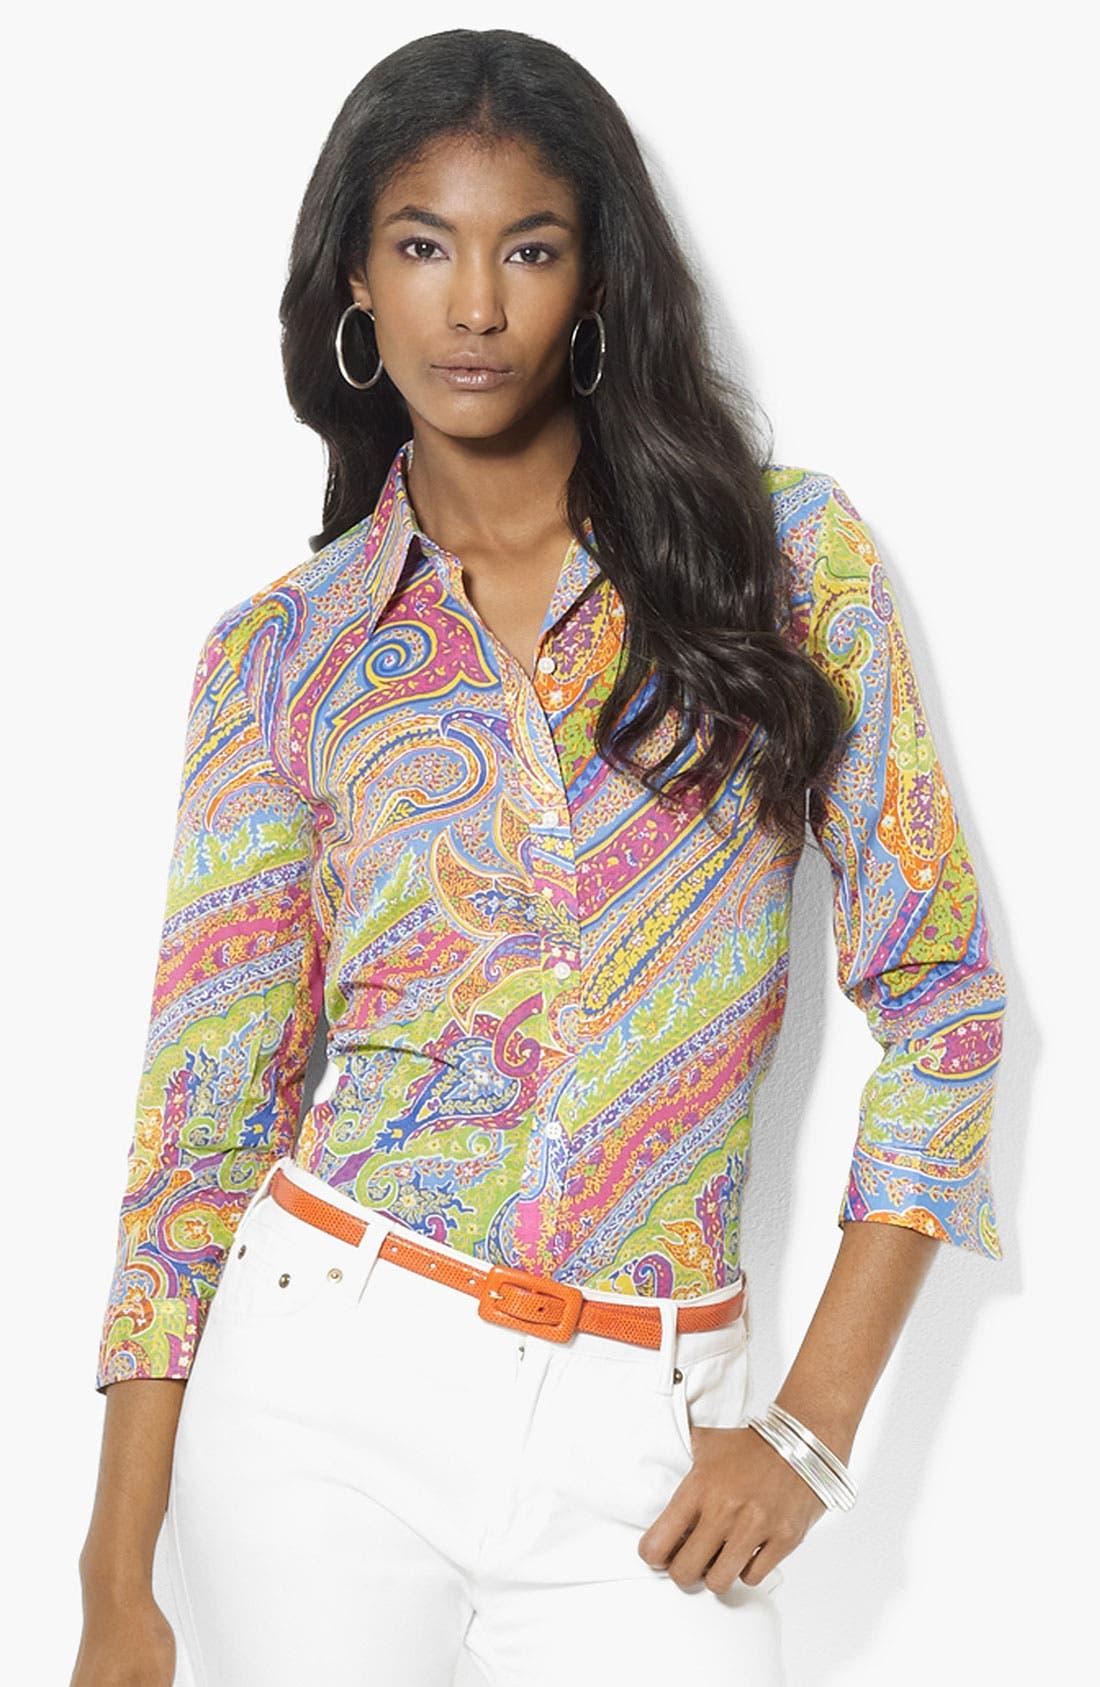 Alternate Image 1 Selected - Lauren Ralph Lauren Three Quarter Sleeve Shirt (Petite) (Online Exclusive)